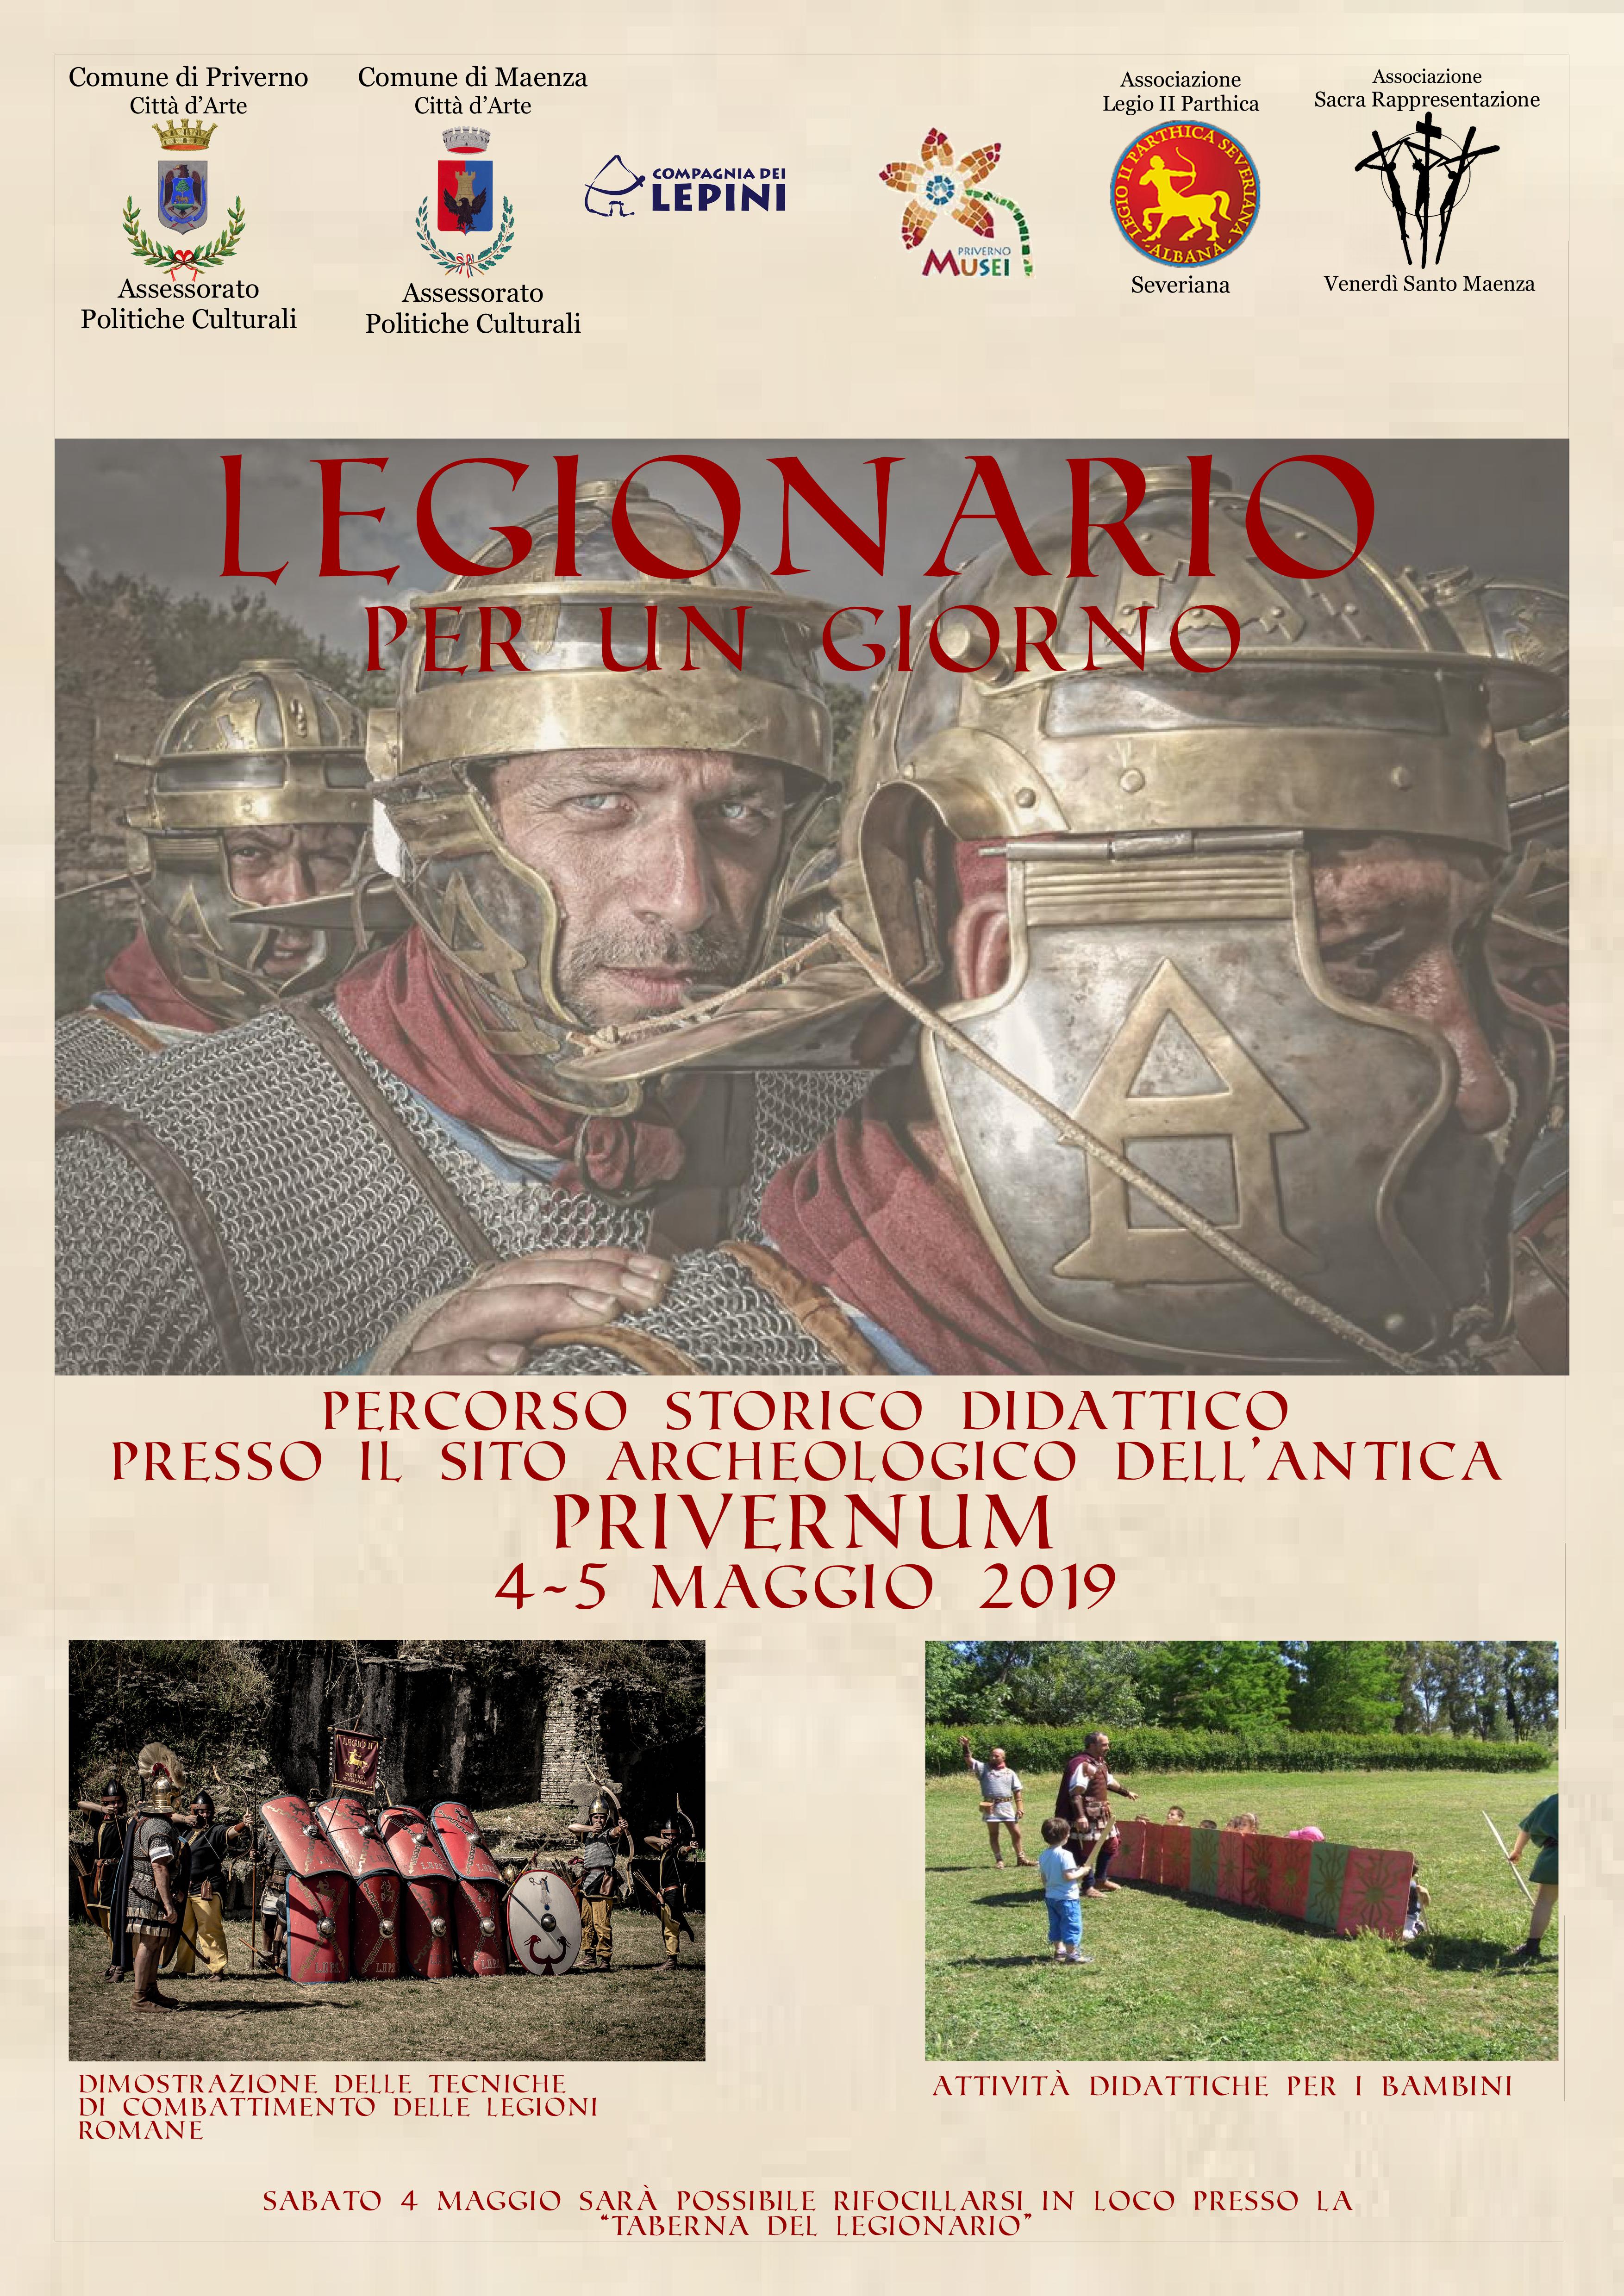 Priverno: Legionario per un giorno @ sito archeologico | Priverno | Lazio | Italia